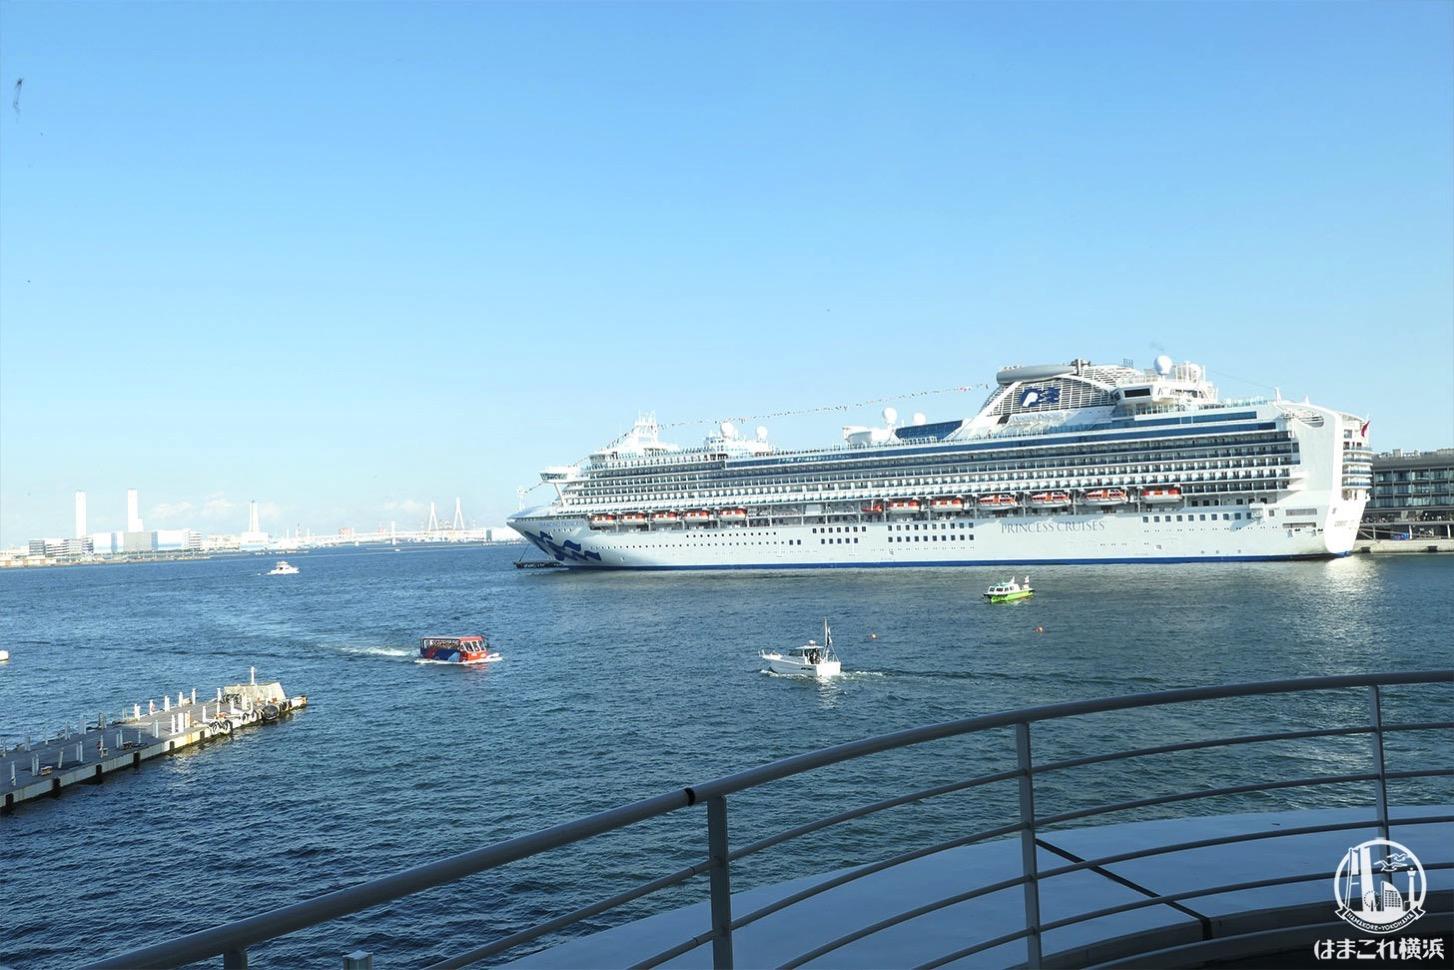 マリンブルーの窓側席から見た横浜港